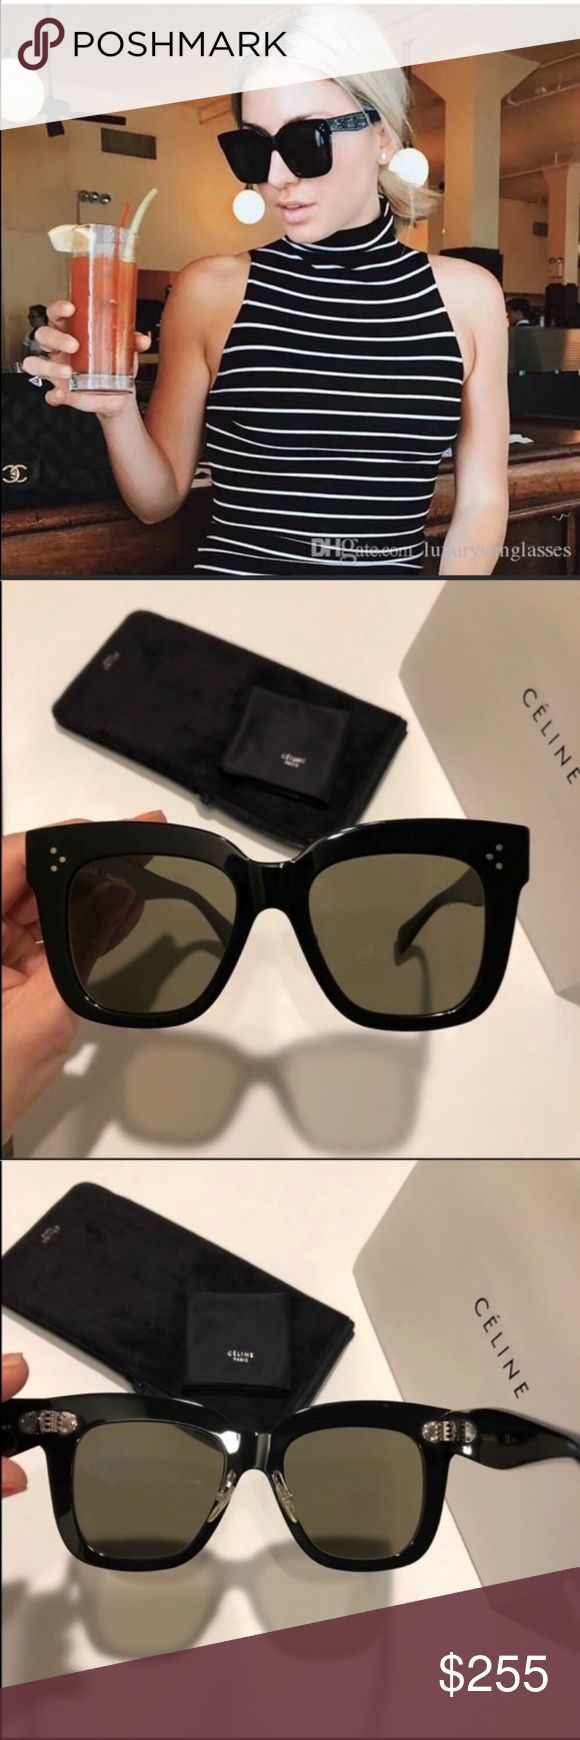 802a24a07c8b Celine Kim sunglasses 😎 Celine Kim black grey sunglasses New condition.  100% authentic guaranteed